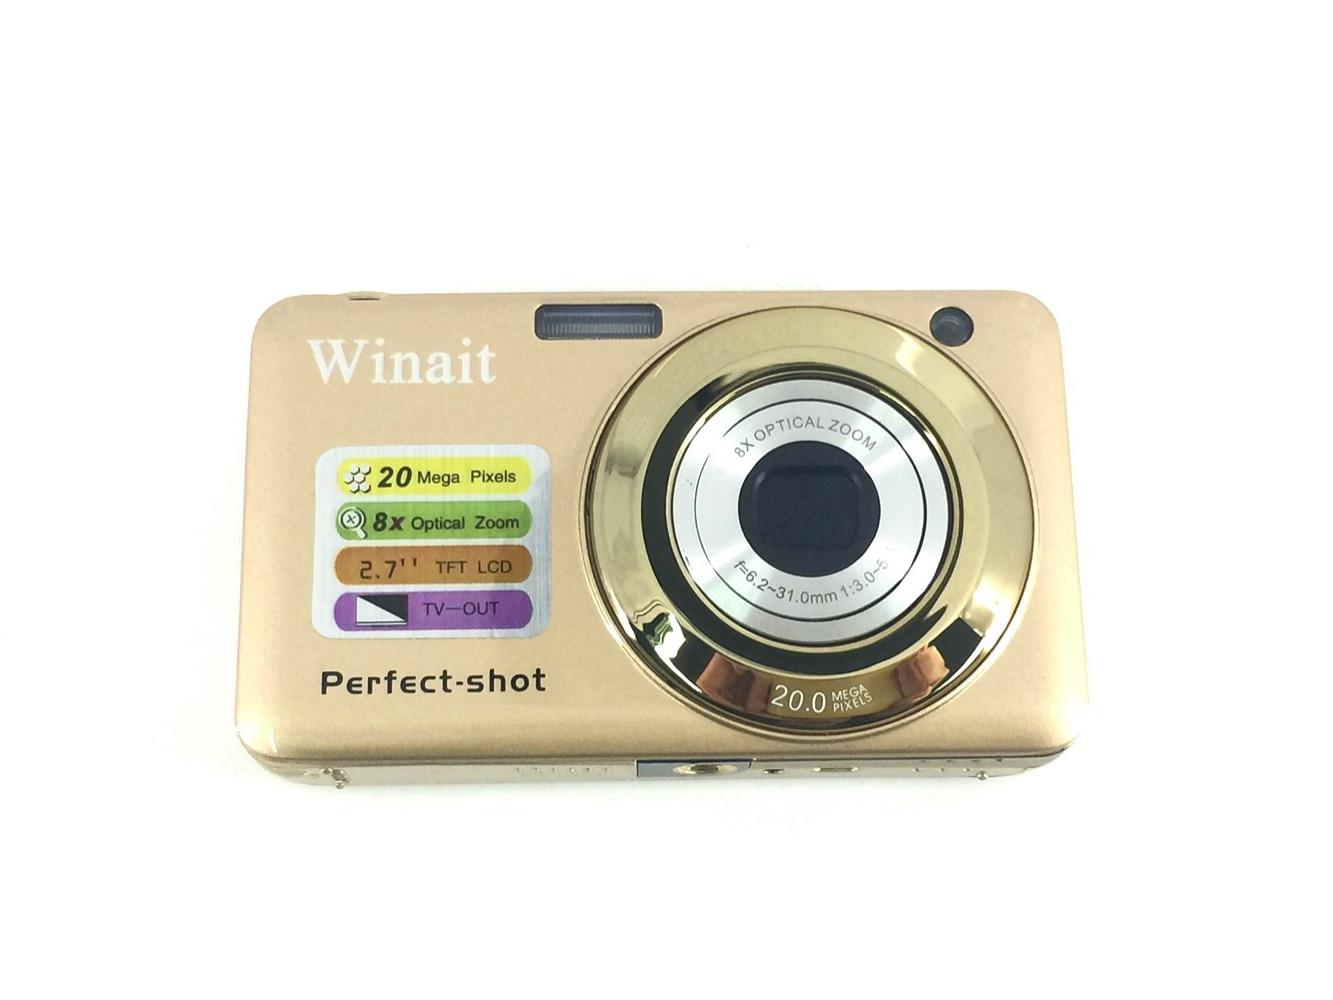 8X Optical Zoom Professional Digital Cameras Mini Cam DC-V600 2.7 720P HD Compact Camera Digital Photo Camera Smile Detection